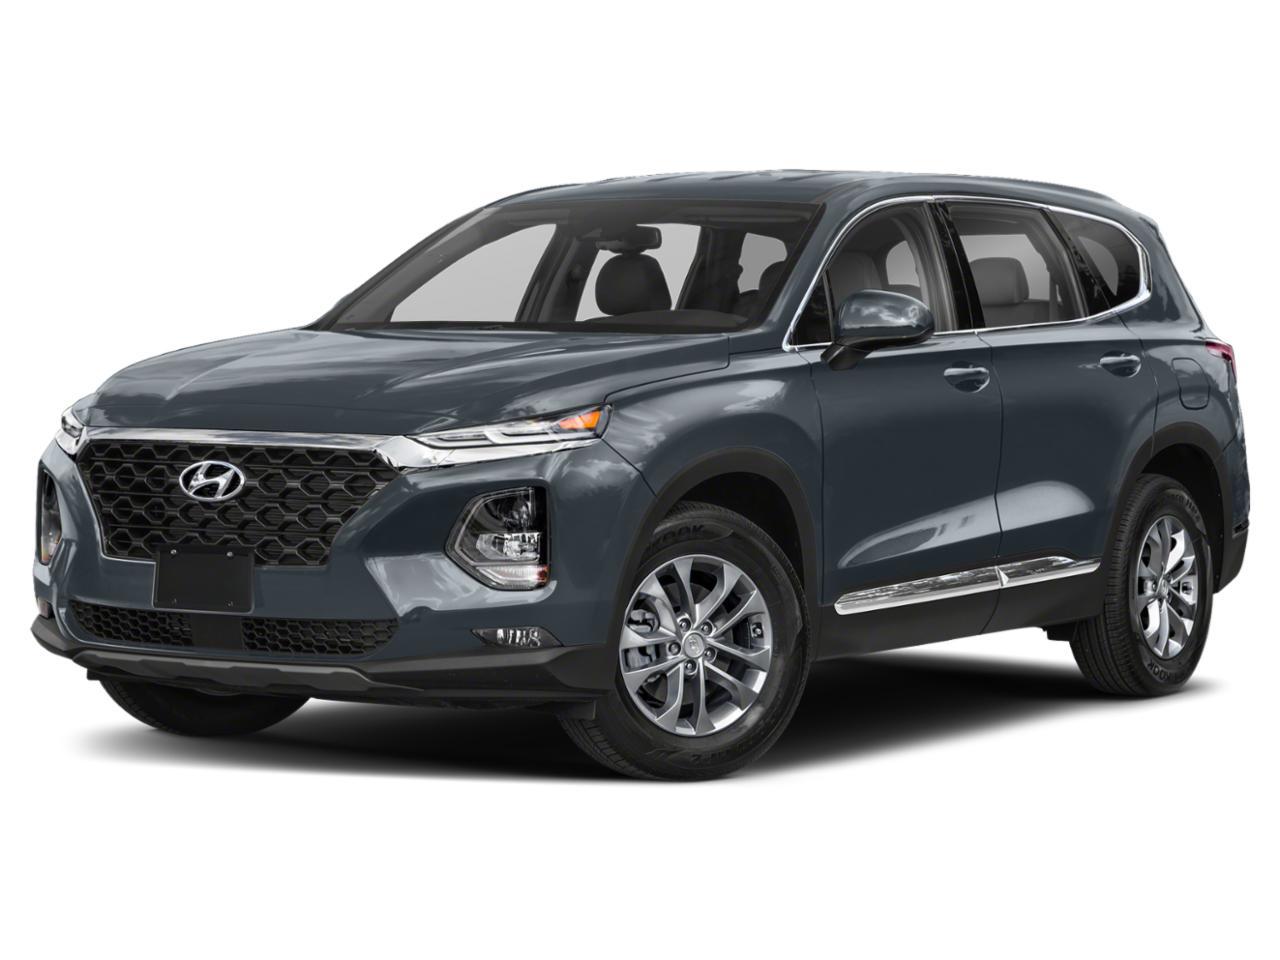 2020 Hyundai Santa Fe Vehicle Photo in Appleton, WI 54913